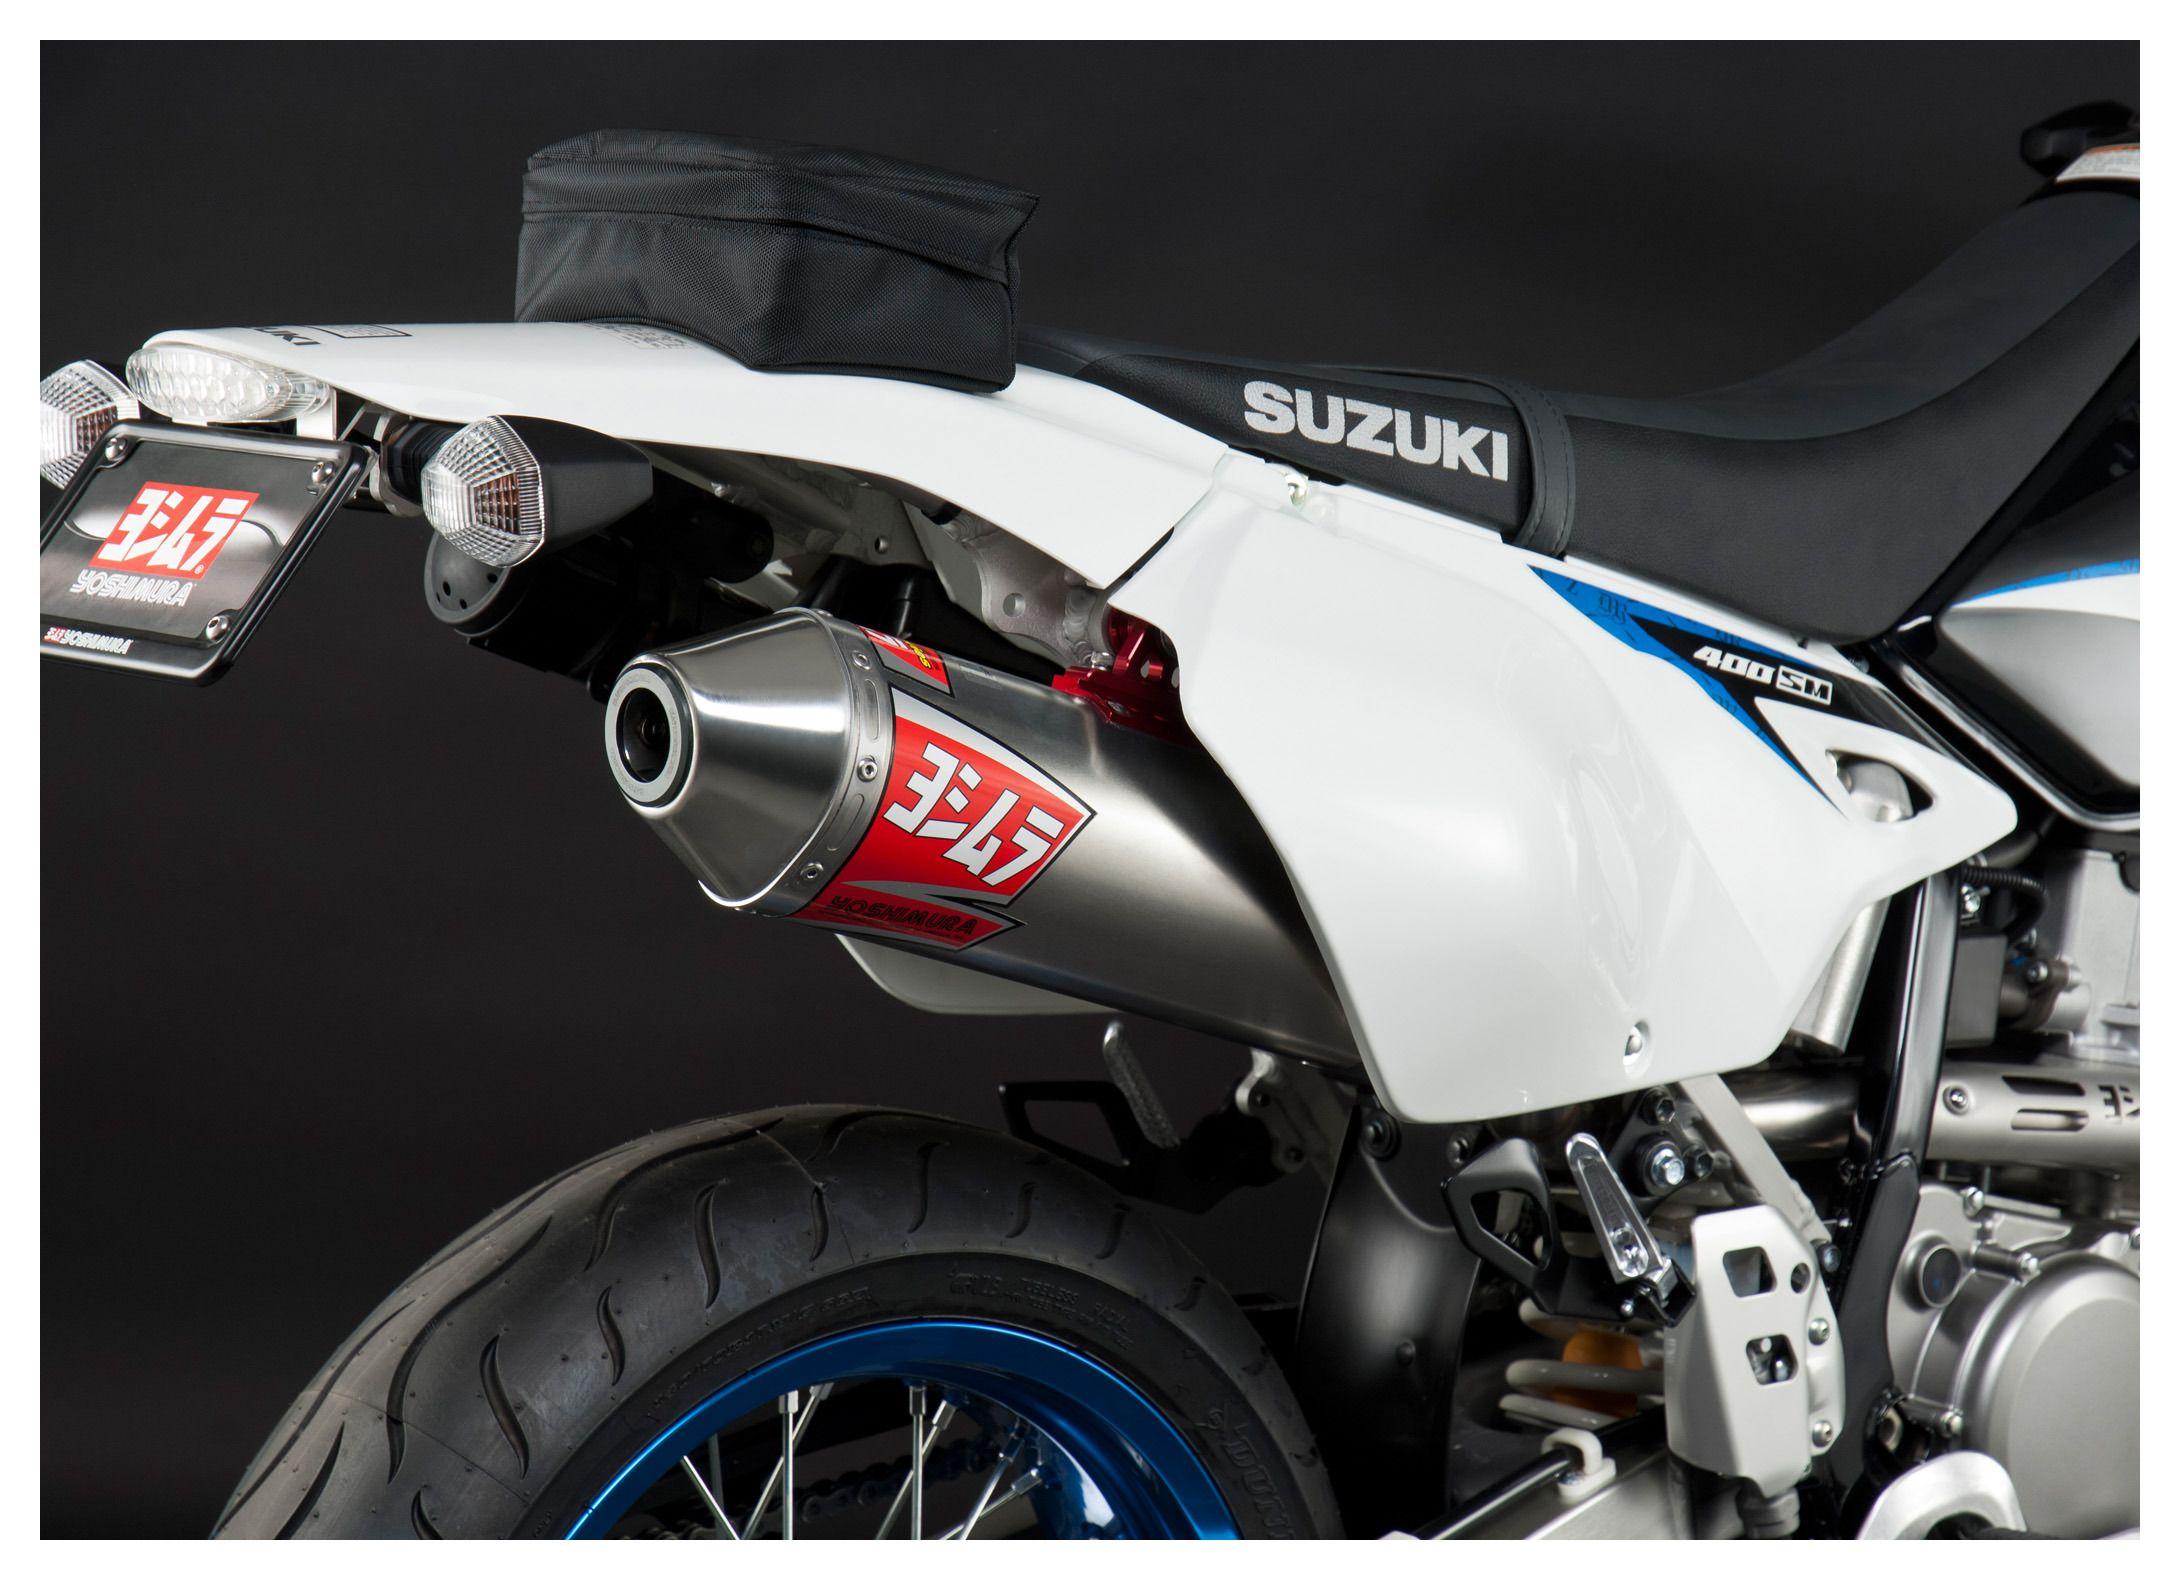 Yoshimura RS2 Street Exhaust System Suzuki DRZ400SM / DRZ400S